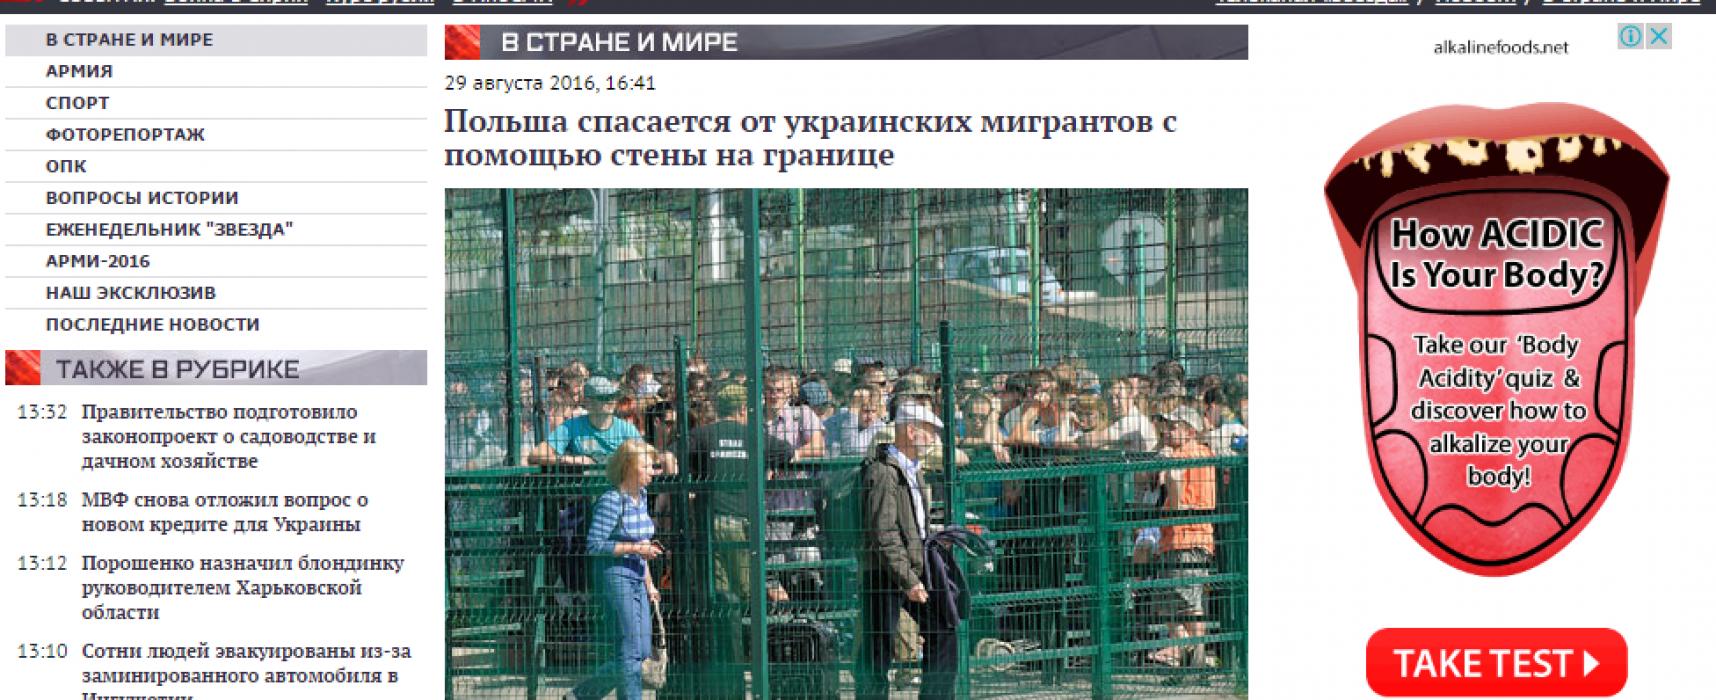 Fake: Construction d'un mur entre la Pologne et l'Ukraine à cause des migrants ukrainiens